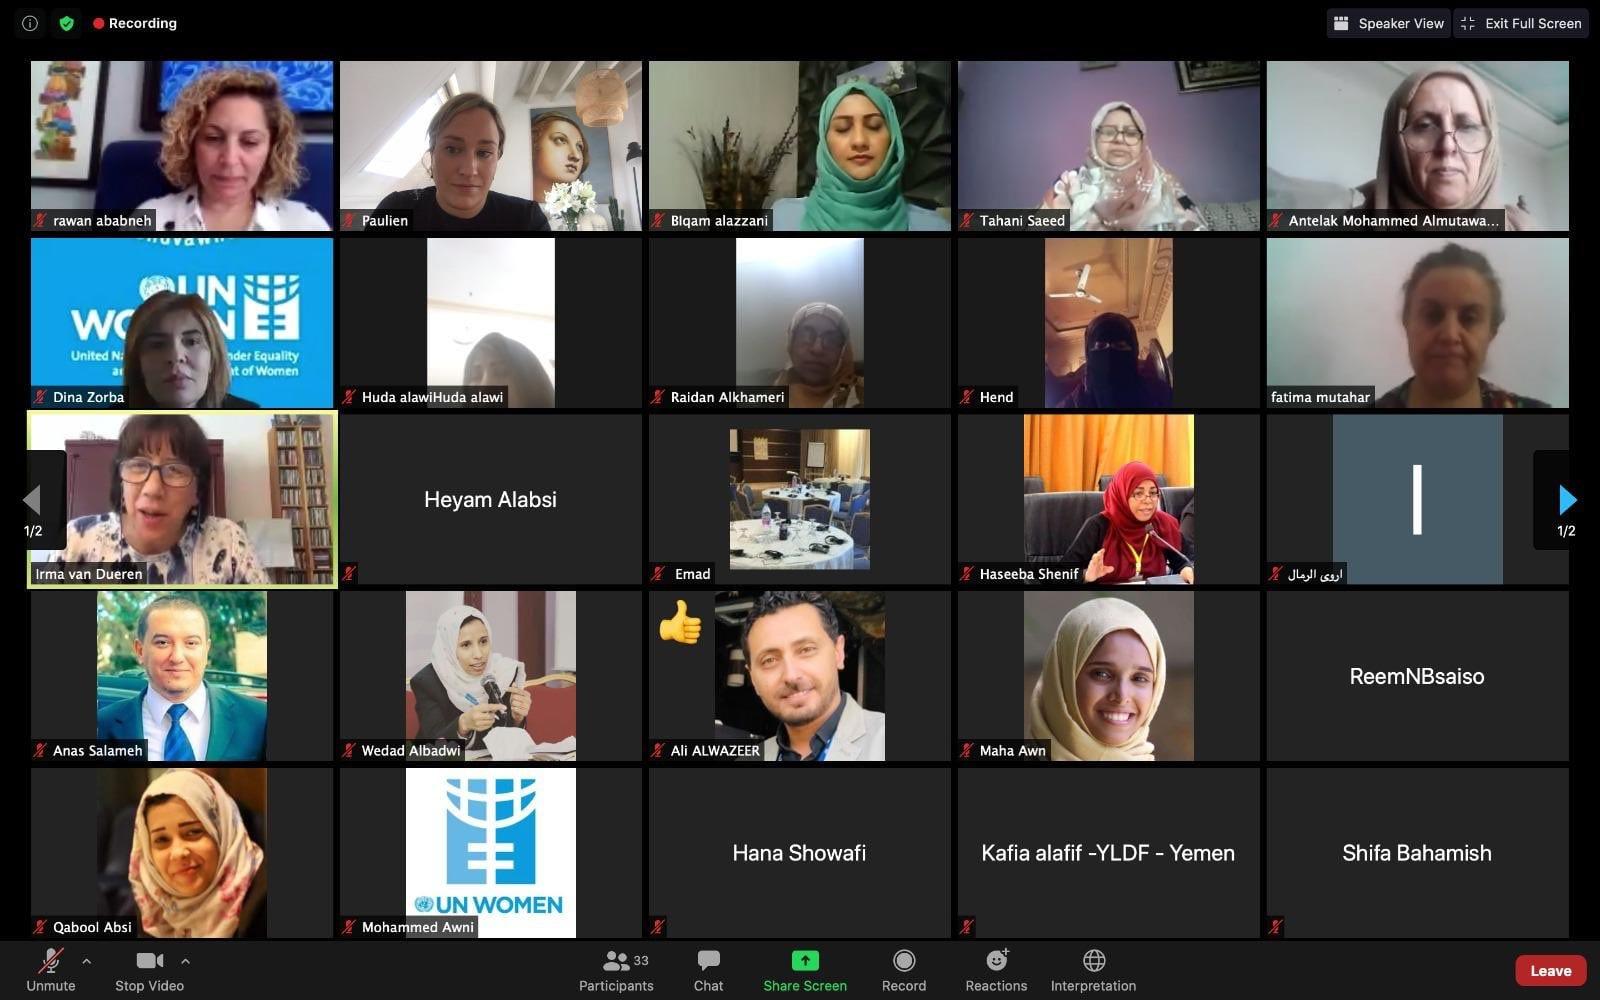 لقاء نسوي من أجل السلام في اليمن